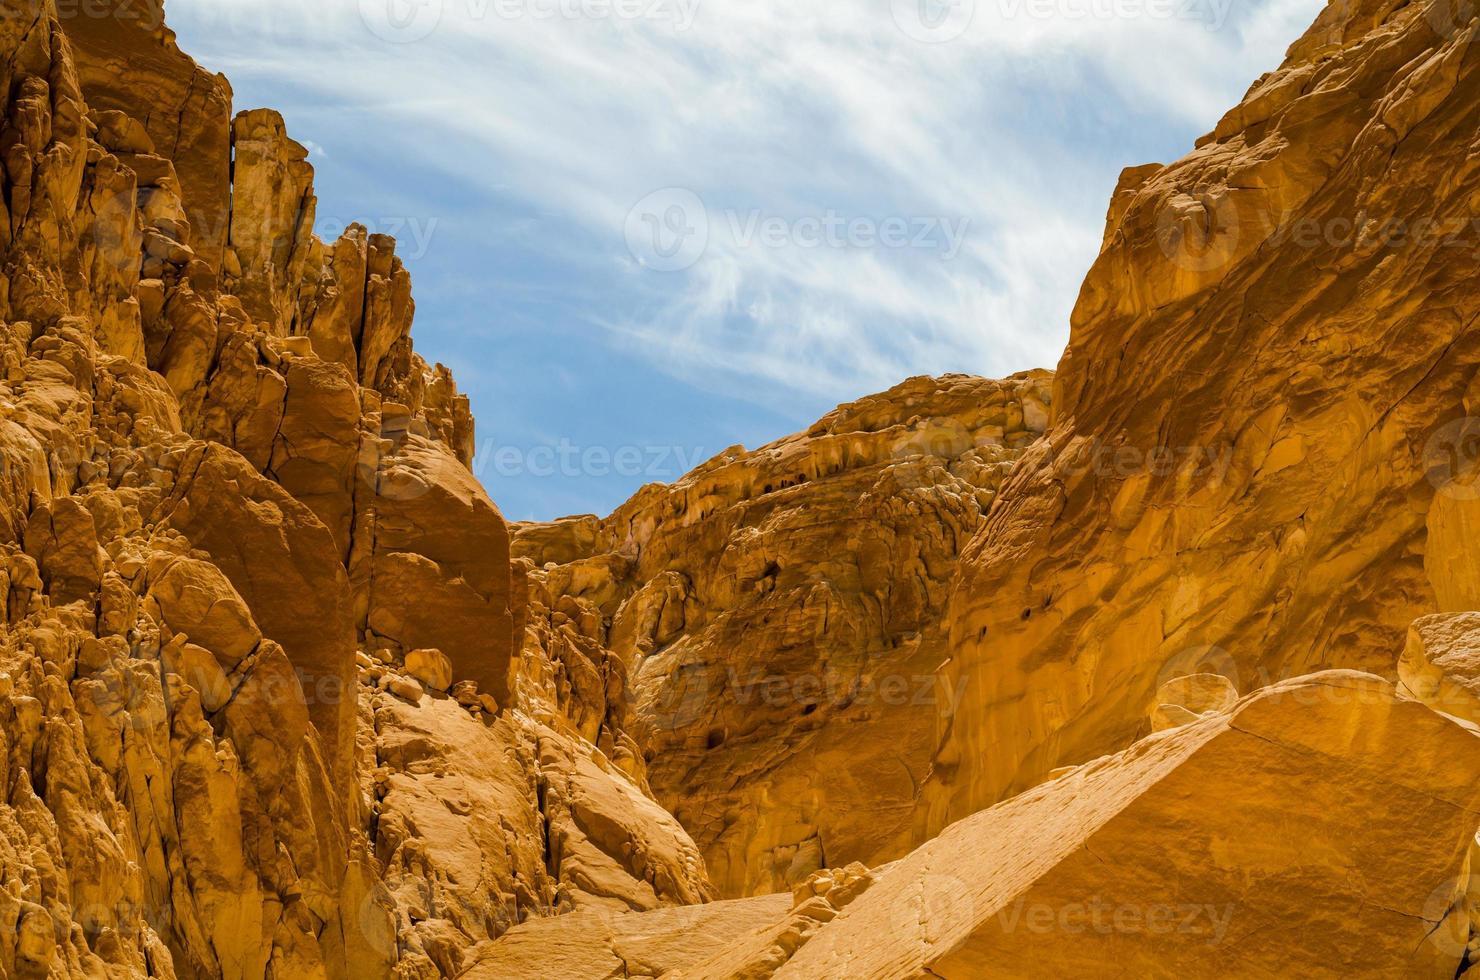 ciel au-dessus des montagnes rocheuses photo